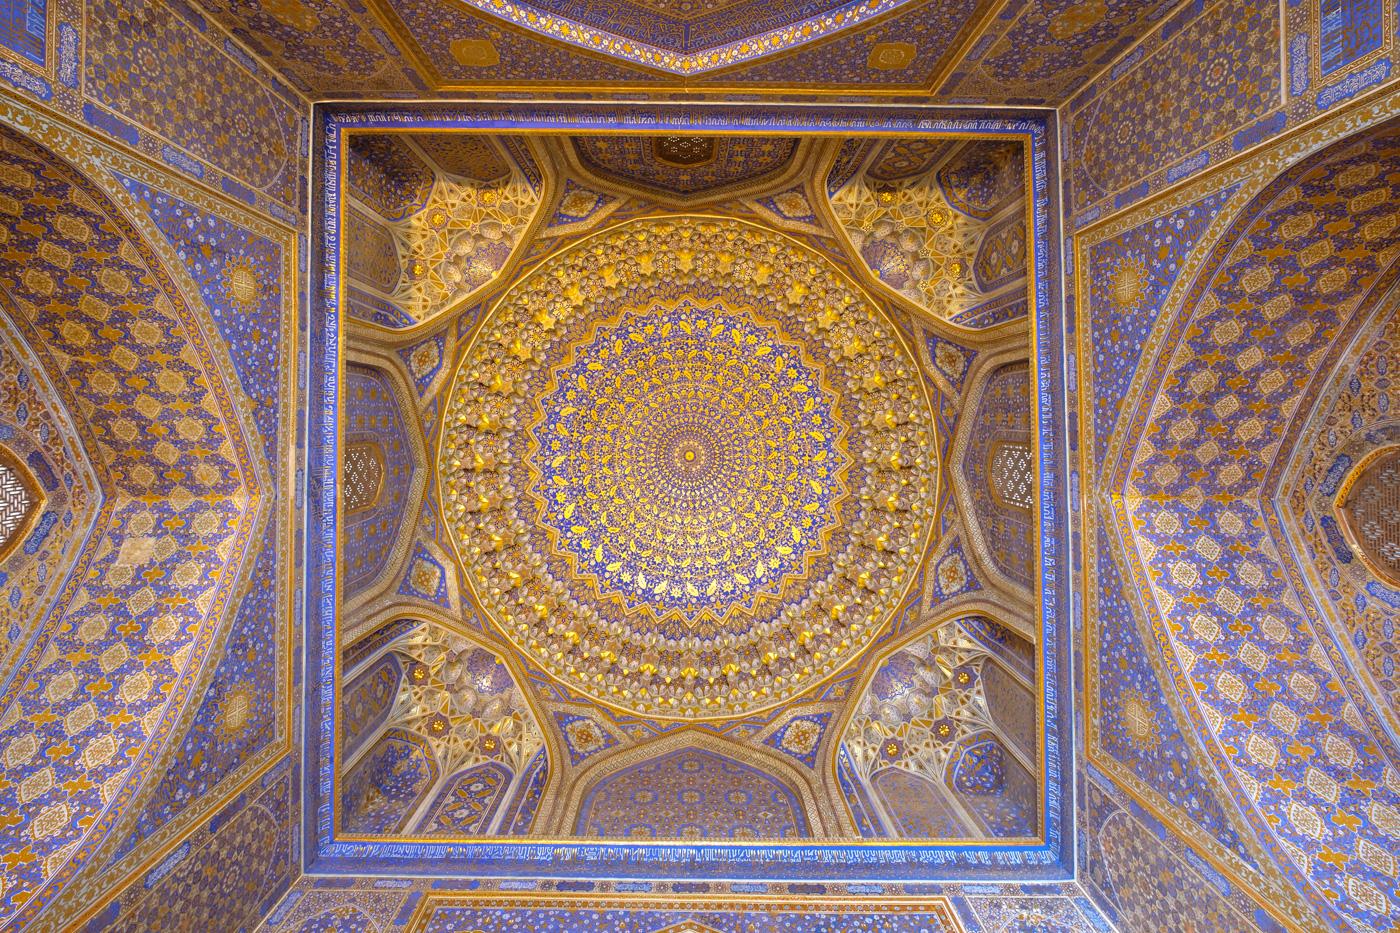 Usbekistan, Zentrum der Seidenstraße - Kuppel der Moschee der Tilya-Kori-Medresse.